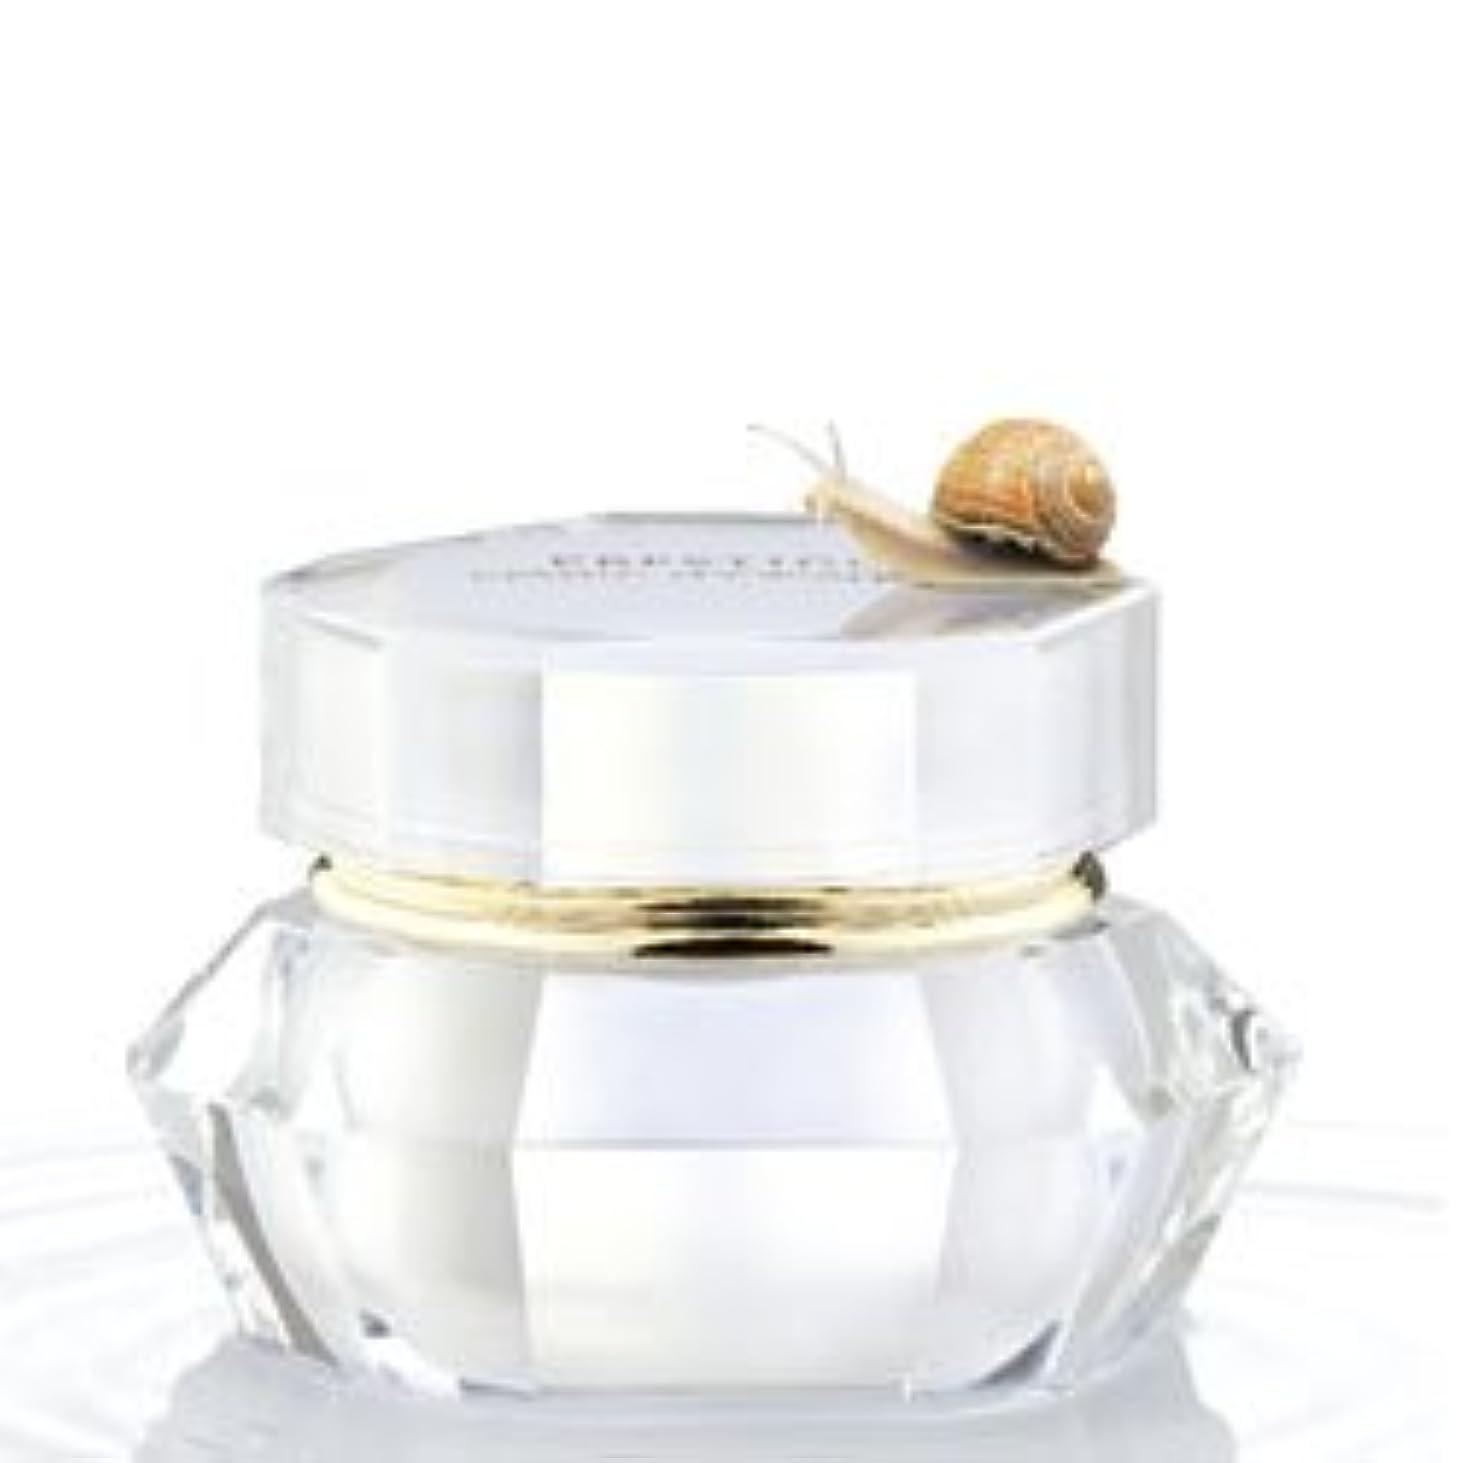 豊富遅らせる危険を冒しますイッツスキン プレステージ エスカルゴ カタツムリ クリーム(60ml×1点)It's Skin Prestige Snail Escargot Cream